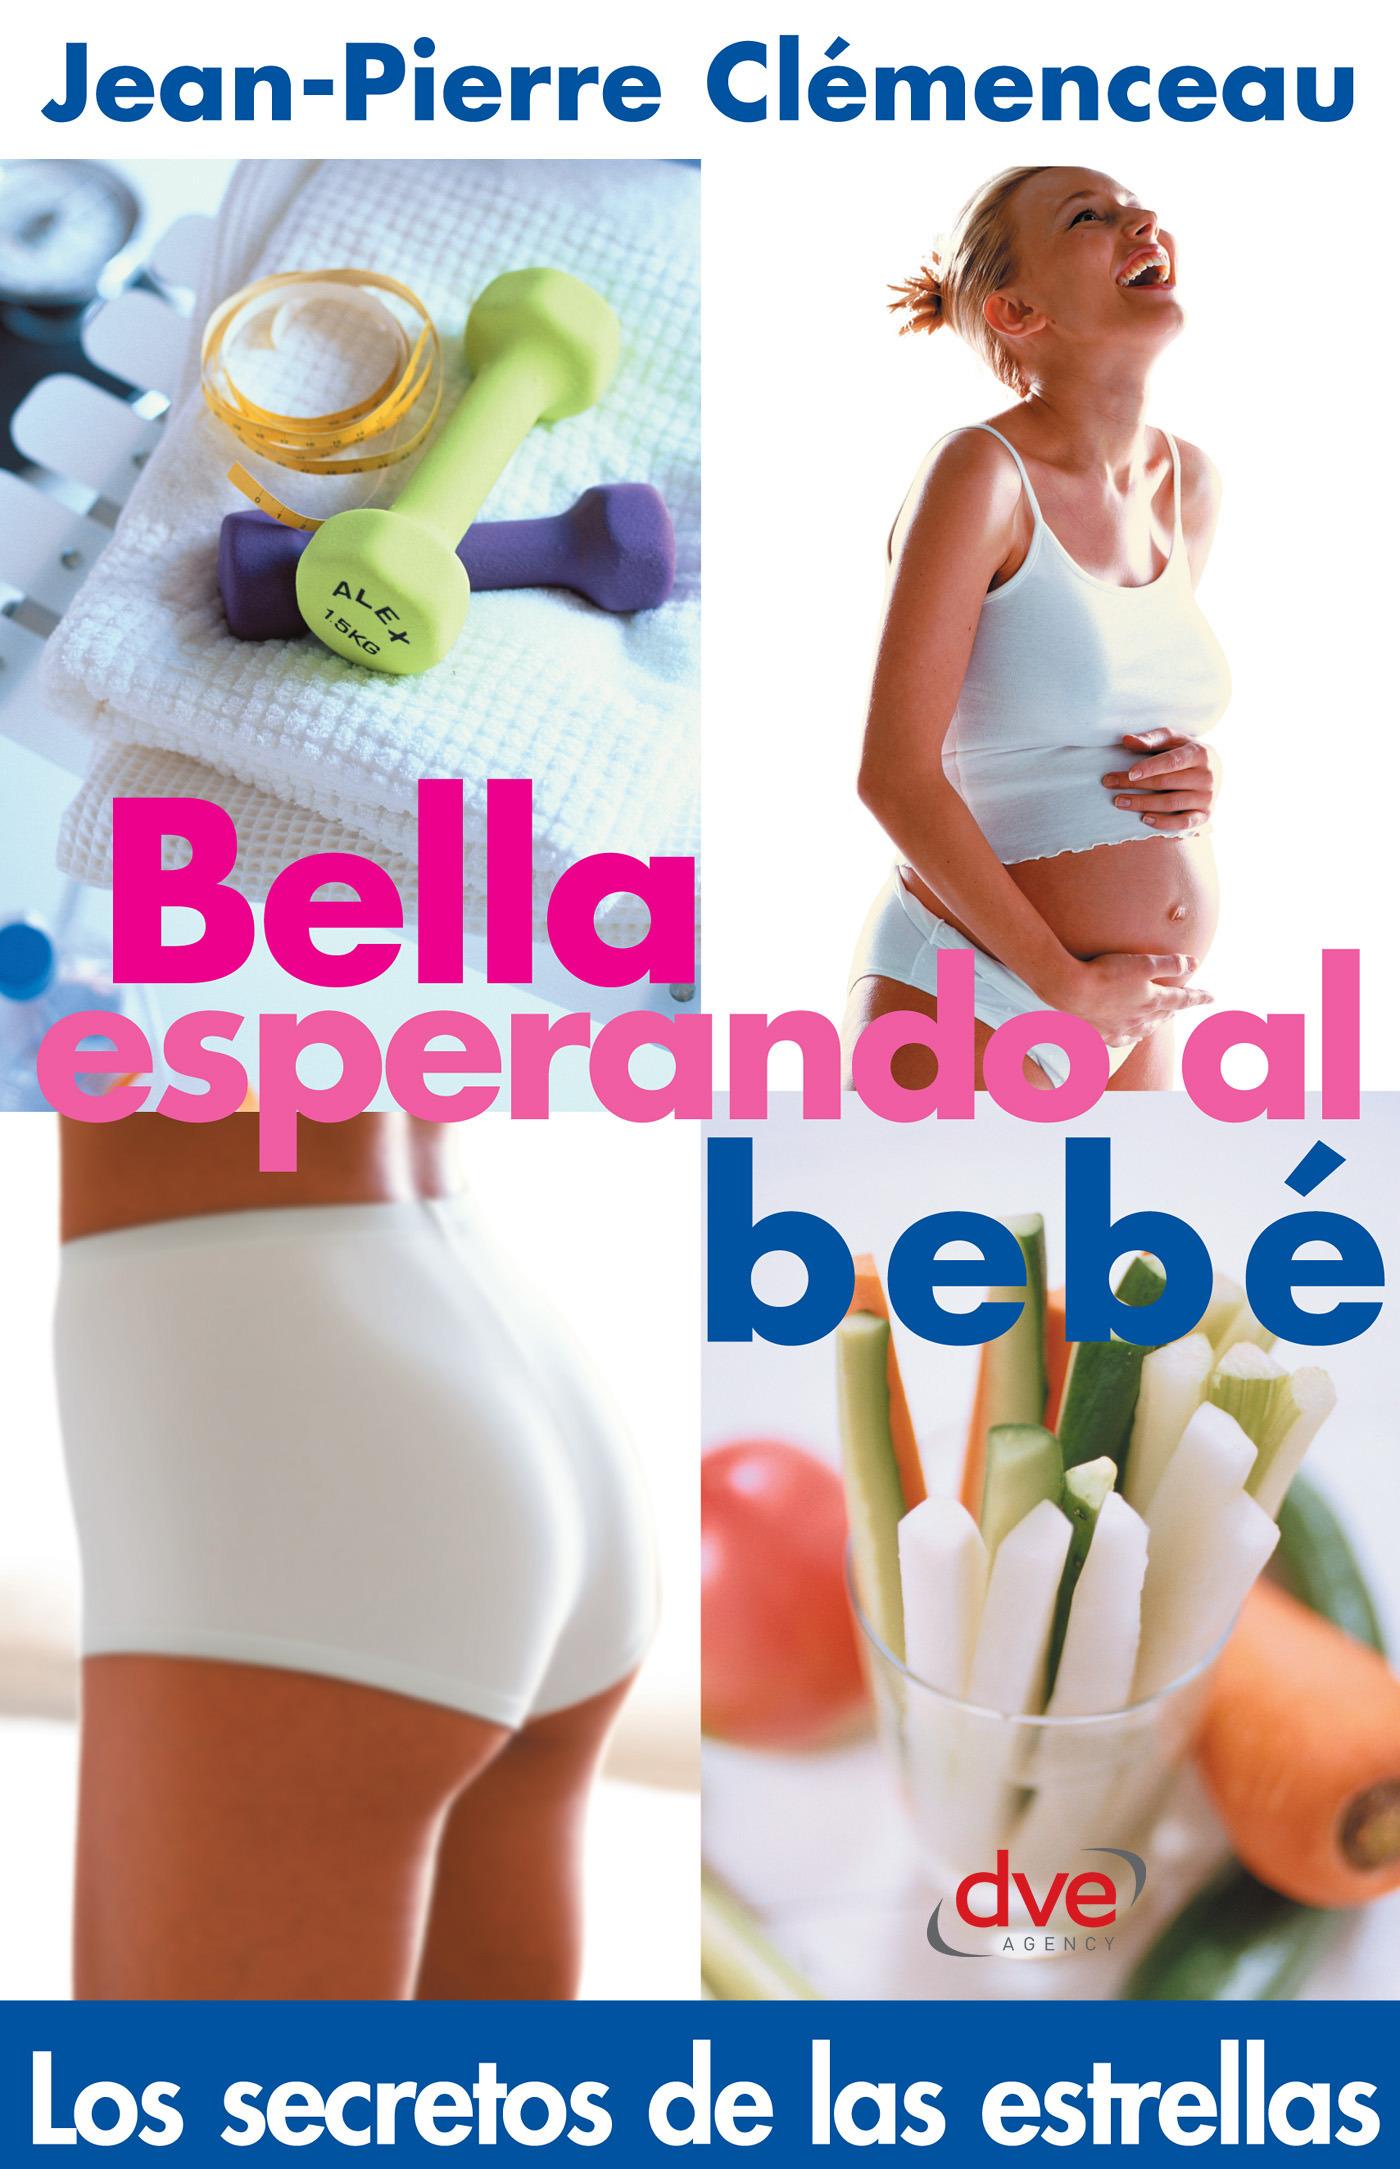 Clèmenceau, Jean-Pierre - Bella esperando el bebé, ebook